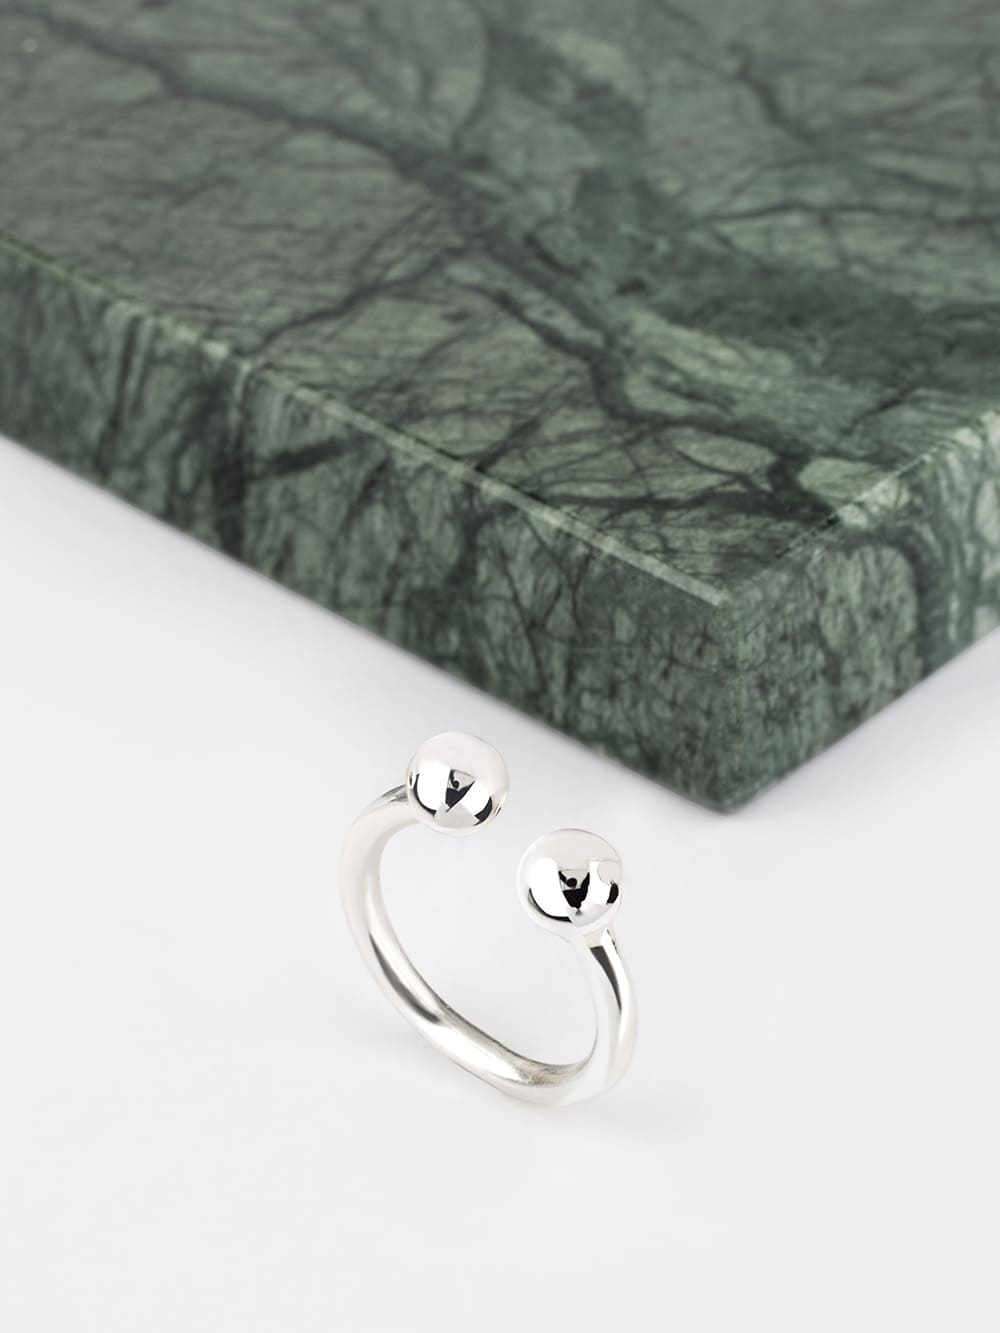 anillo de plata para mujer diseño dos bolas, anillos de plata para regalar, anillos para mejores amigas, joyas marteliè barcelona, joyasmarket